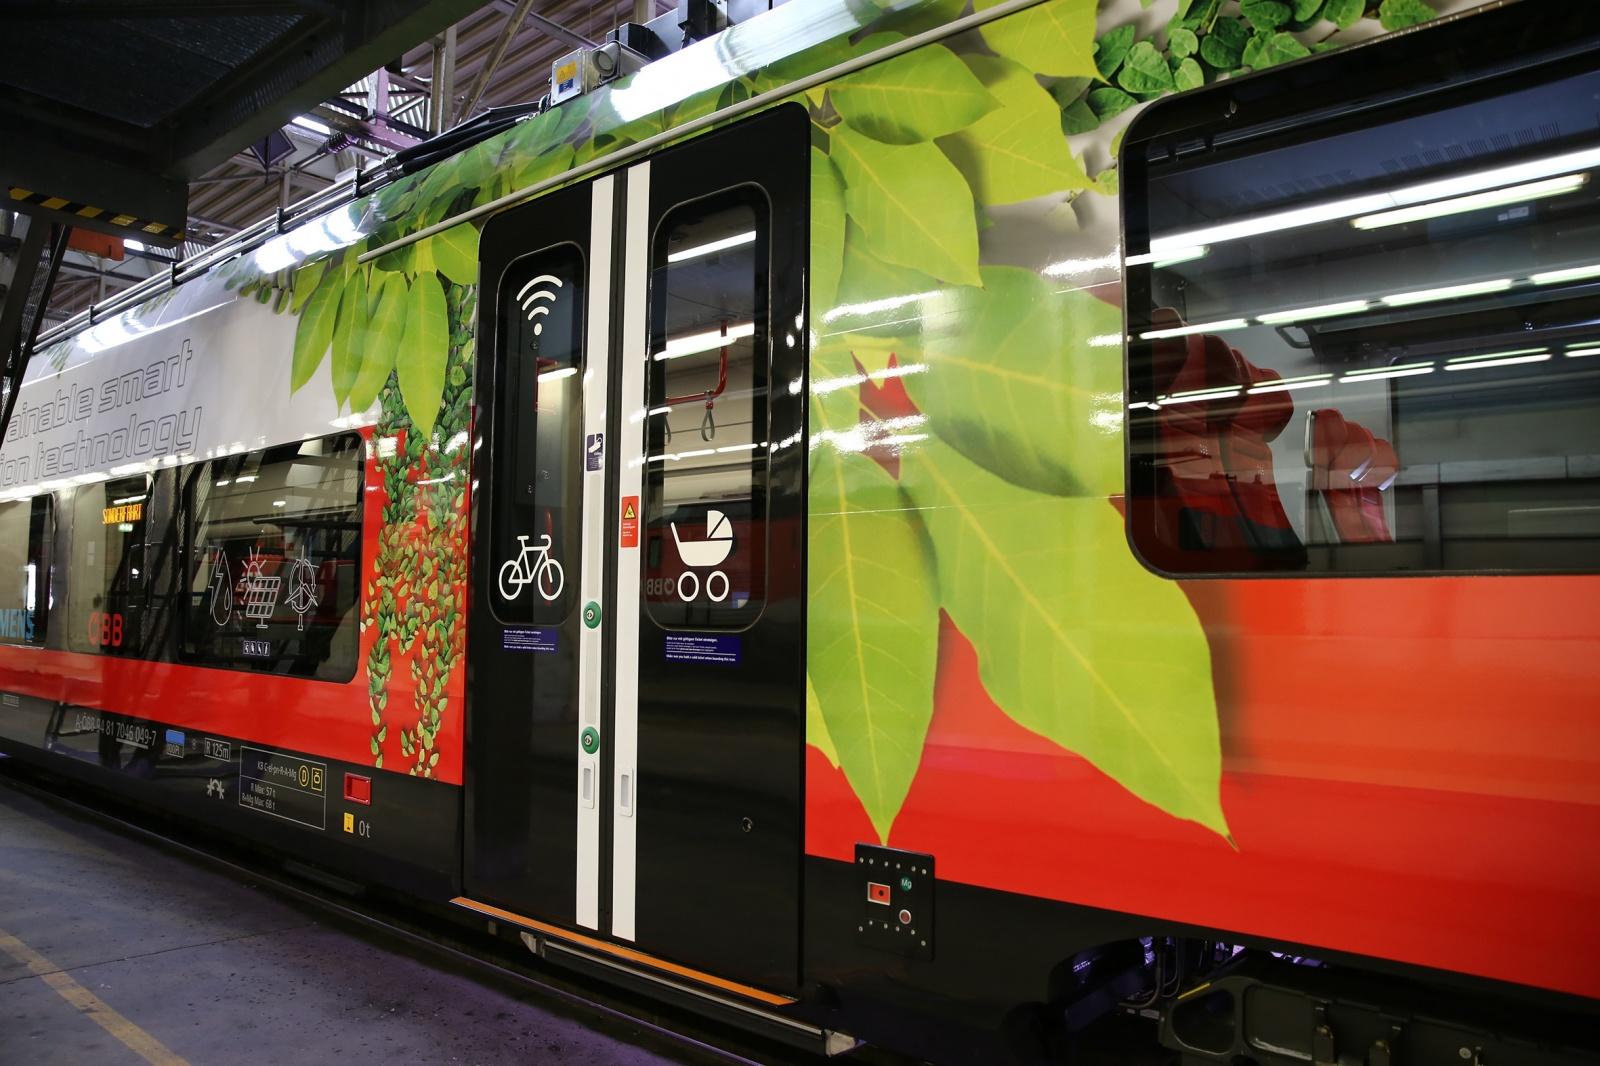 В Австрии запускают поезд на аккумуляторах - 2